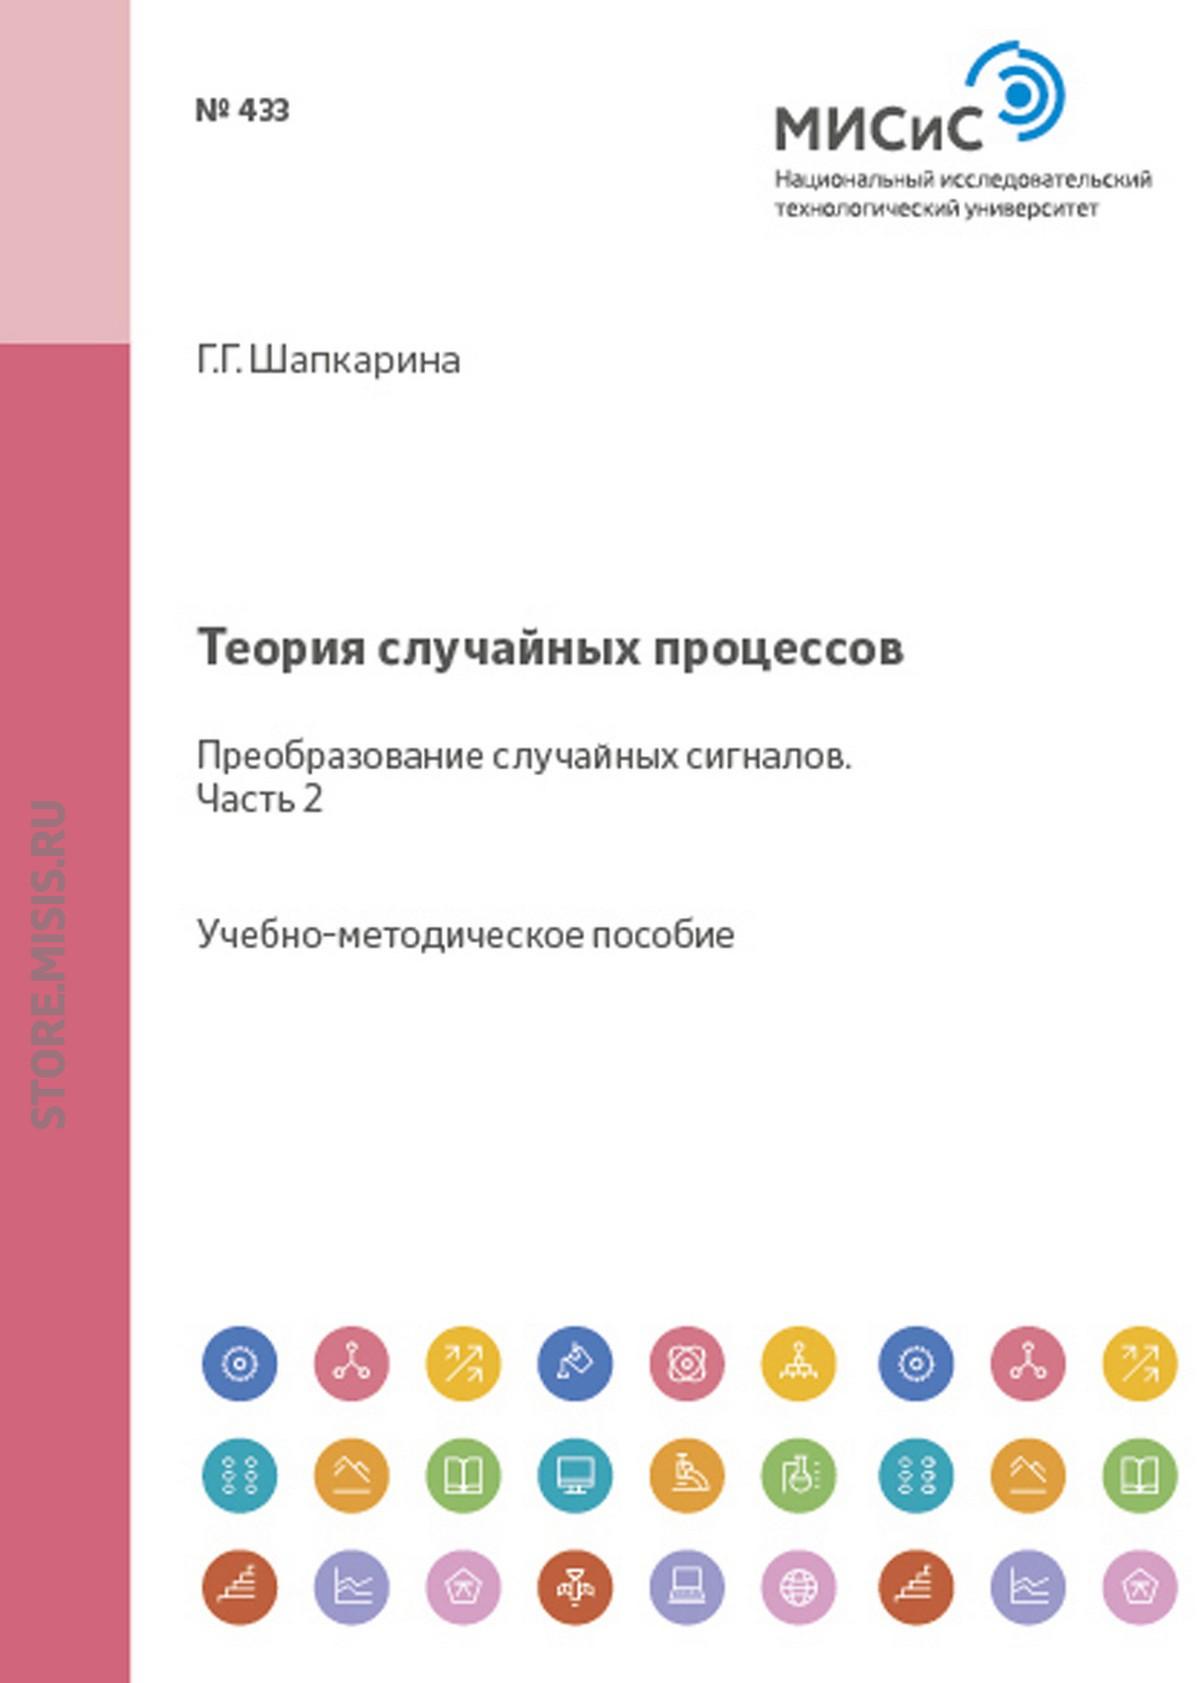 Галина Шапкарина Теория случайных процессов. Преобразование случайных сигналов. Часть 2 цена